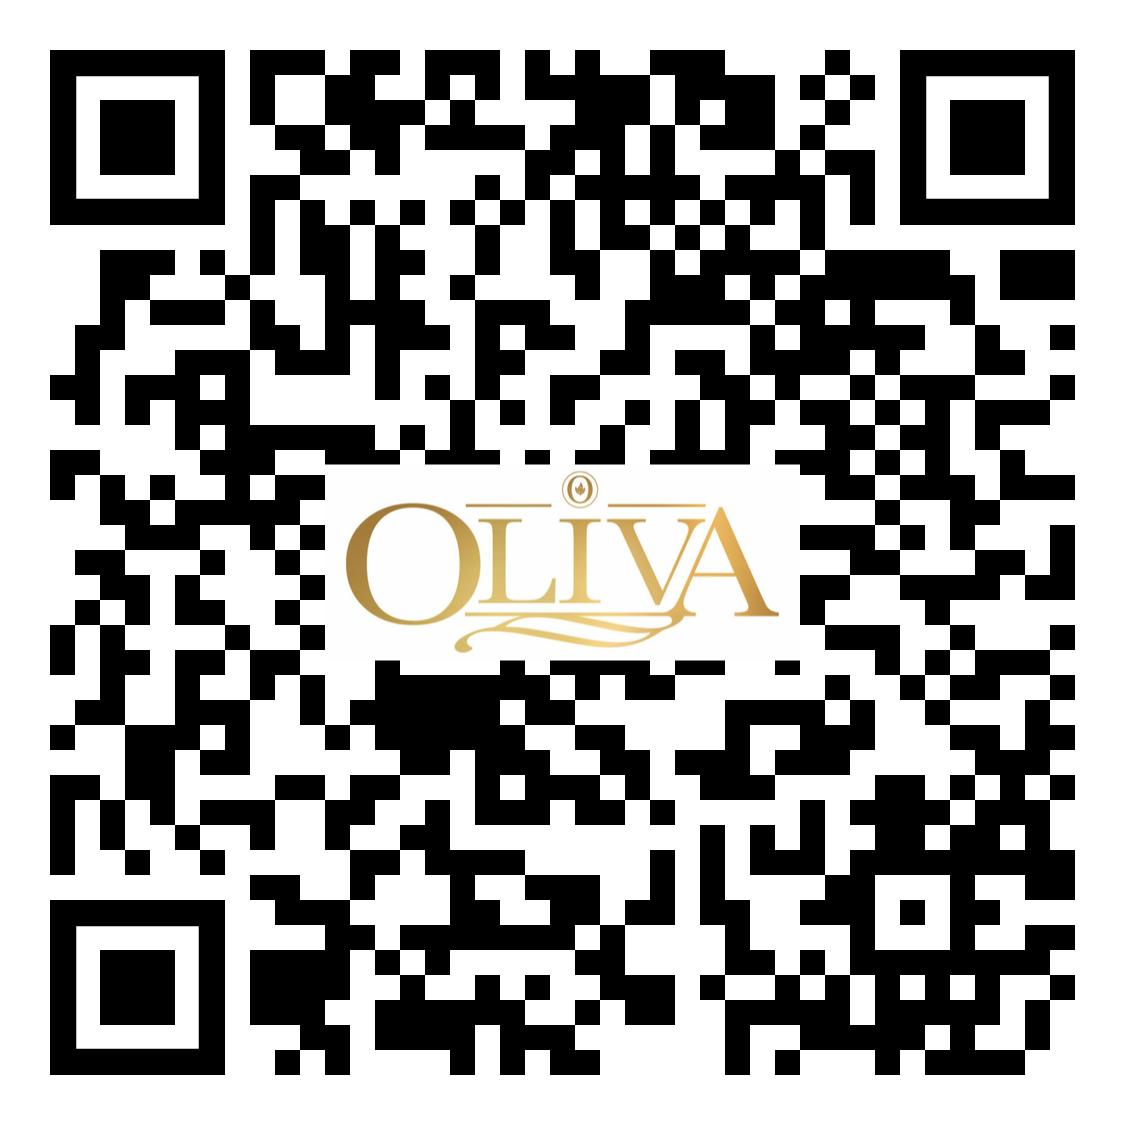 Oliva Qr code